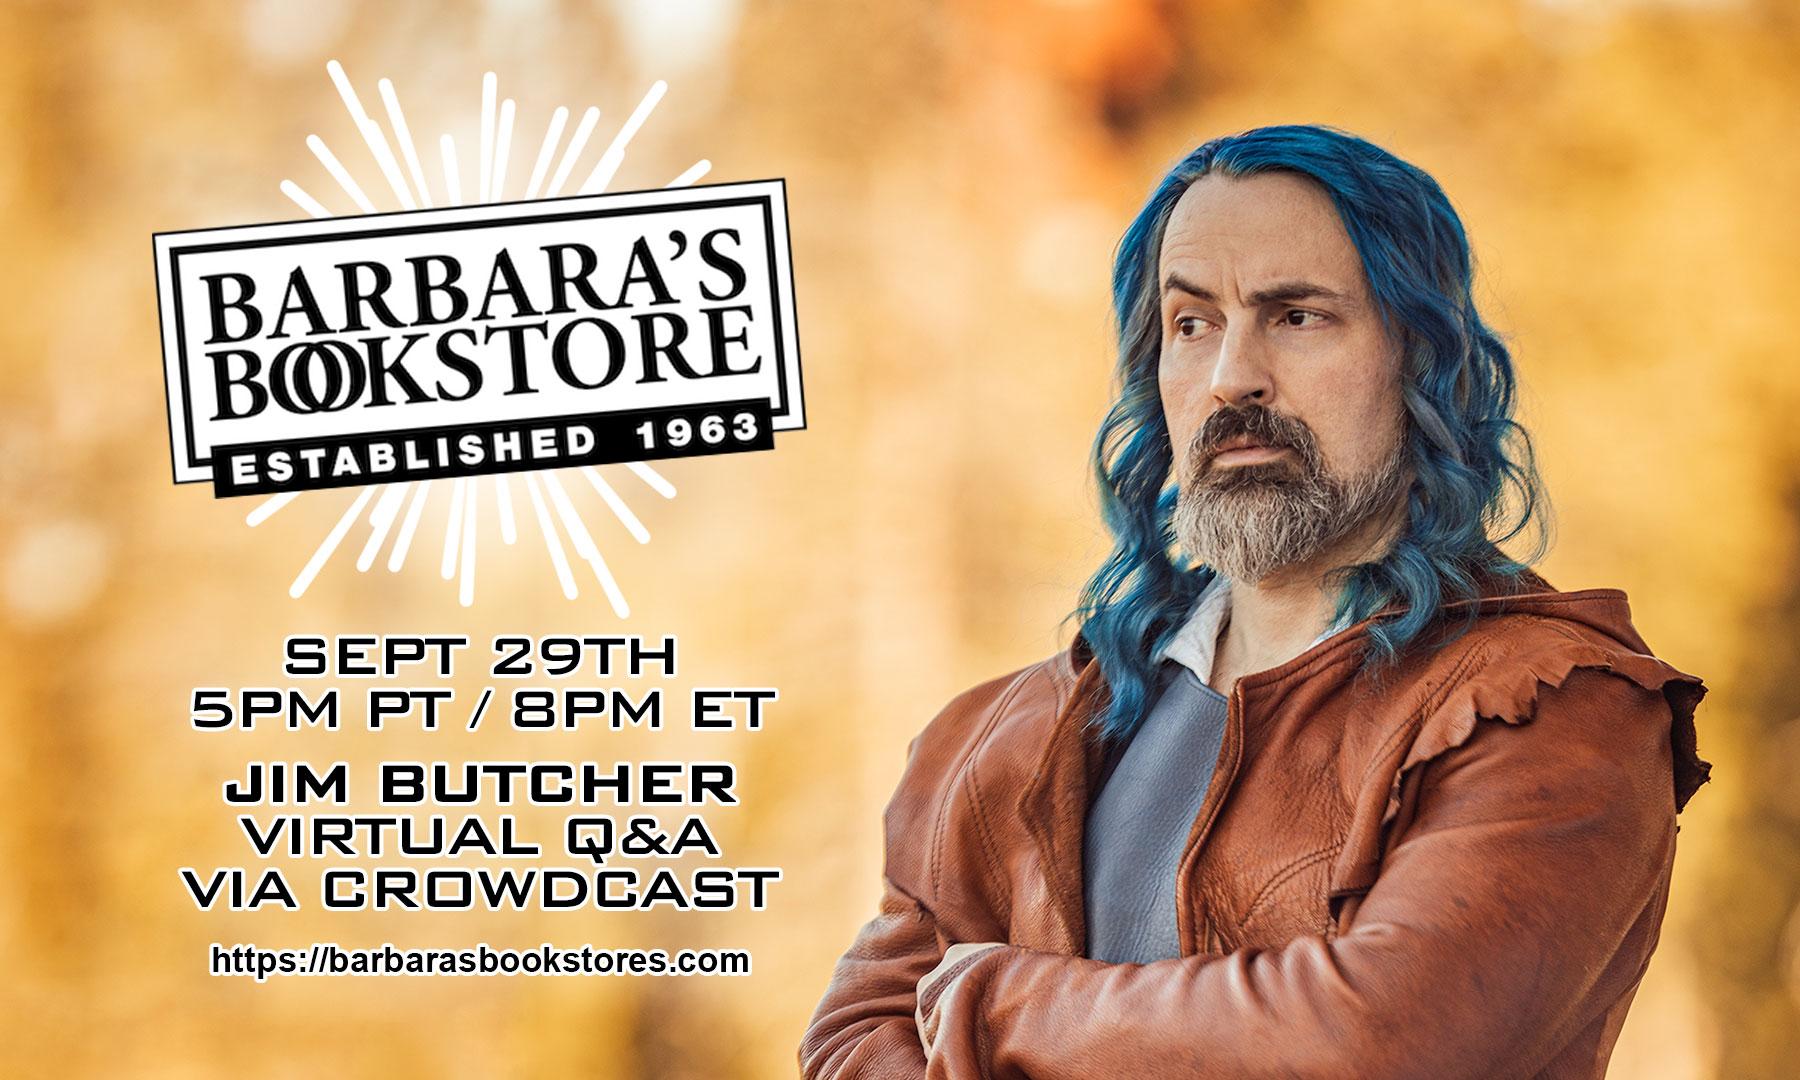 Barbara's Bookstore Event